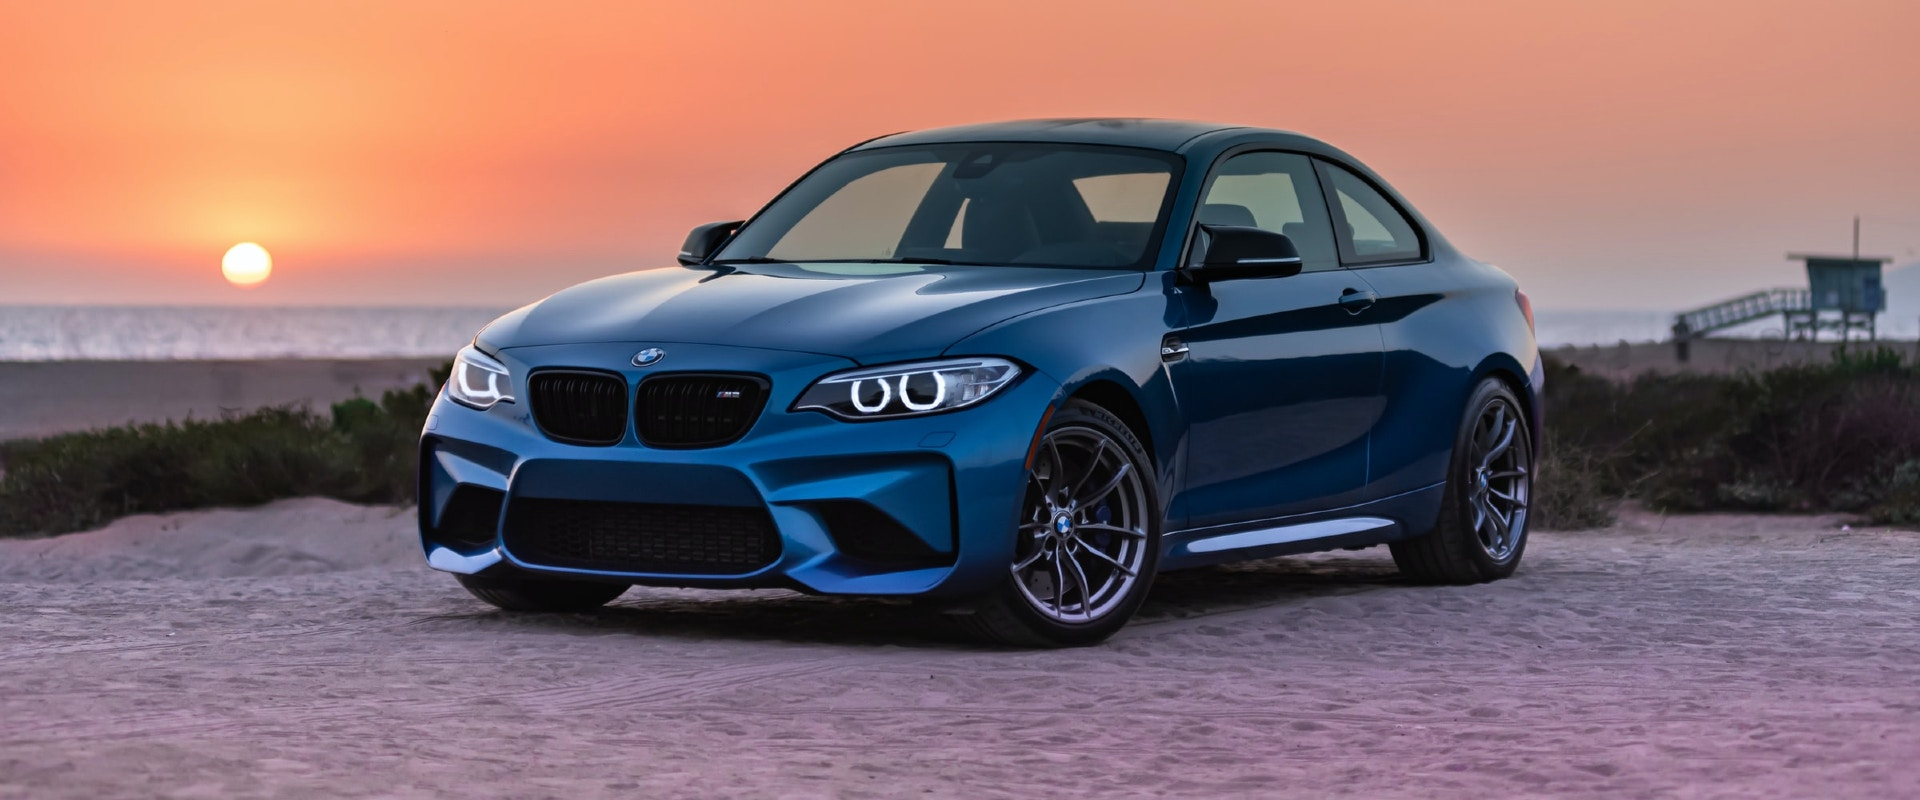 Jetzt BMW leasen